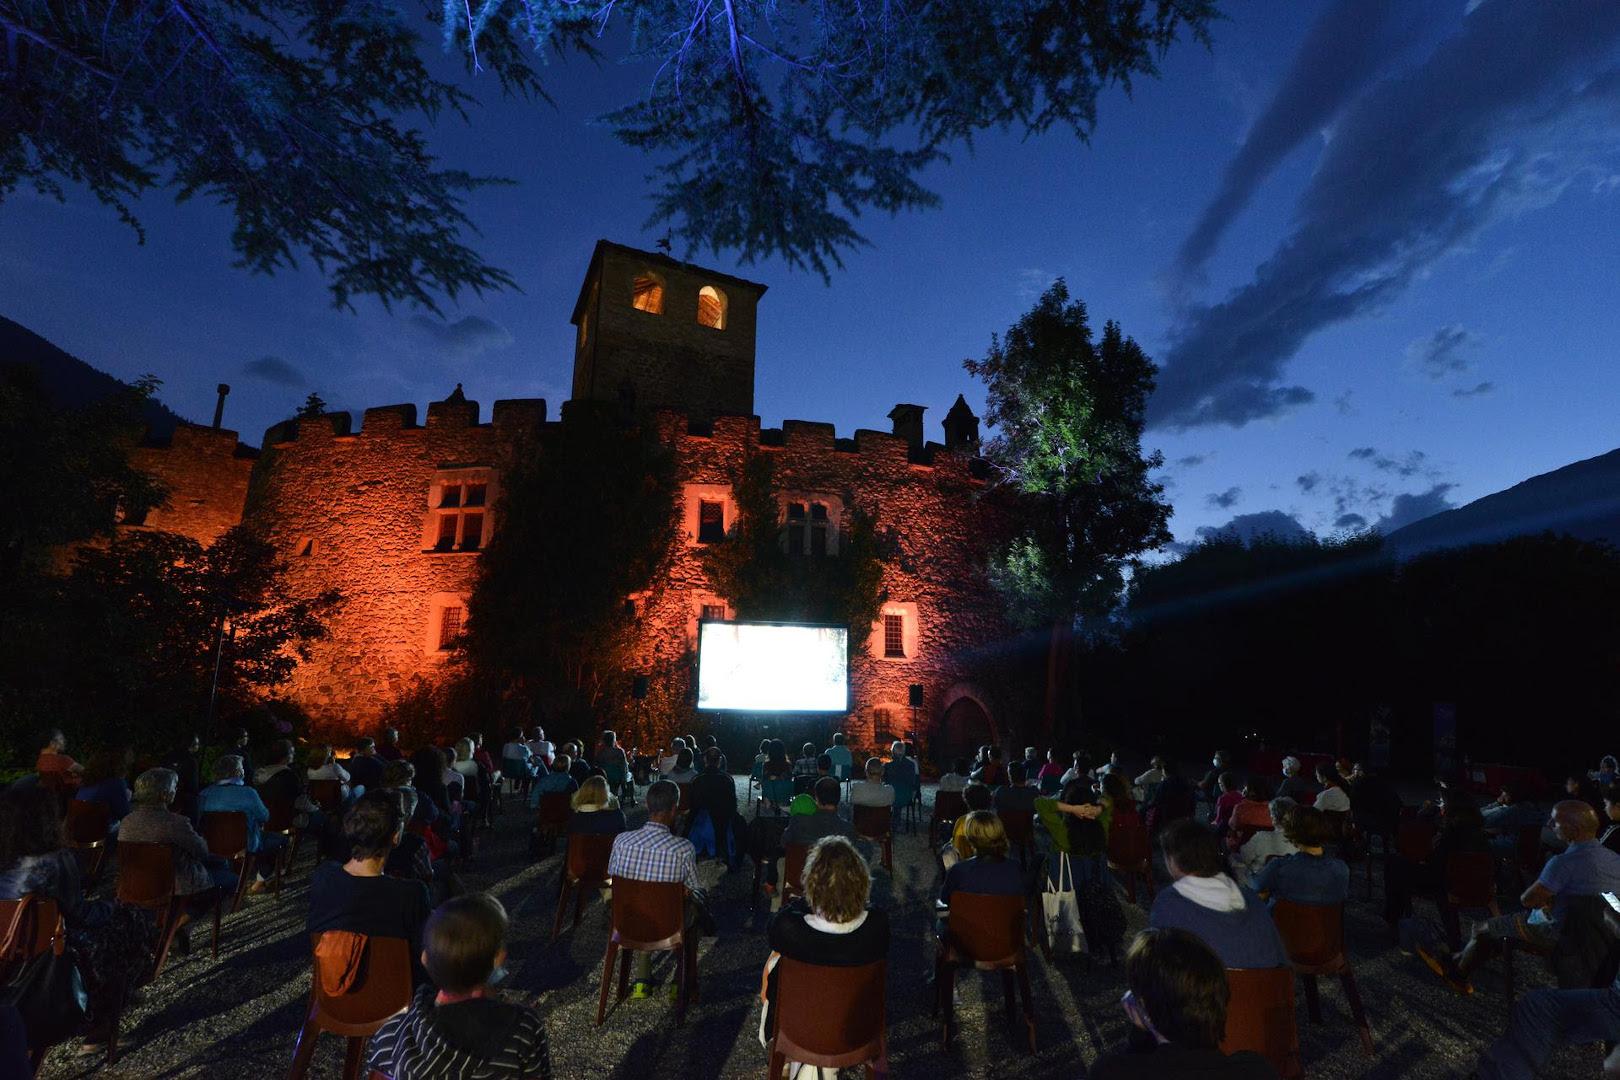 Il Gran Paradiso film festival, per la sua 23esima edizione, aggiorna il tema dopo l'emergenza sanitaria e presenta on  line i film in concorso